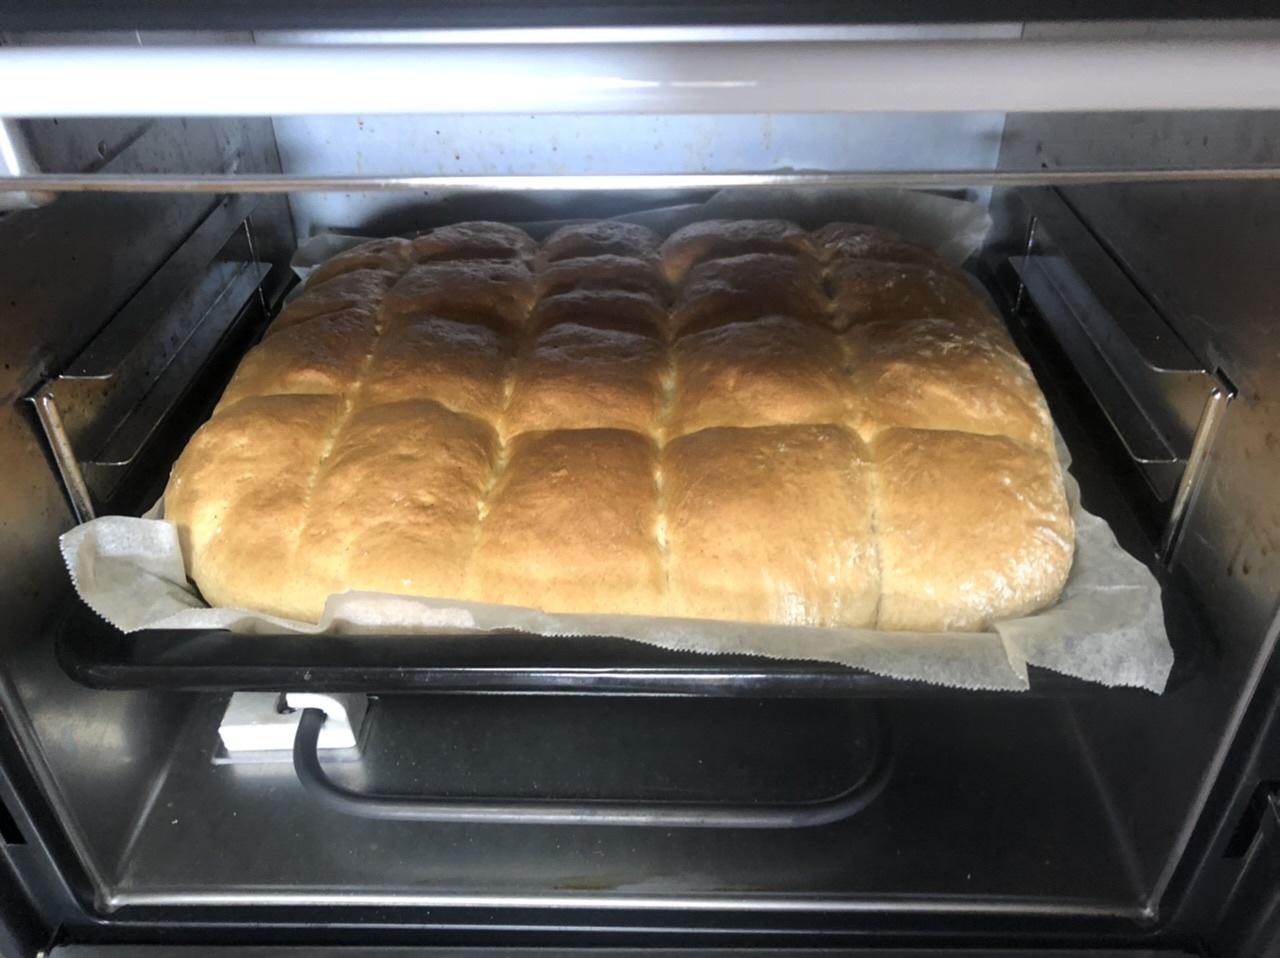 パン焼き、土曜日。_a0016090_18445129.jpeg